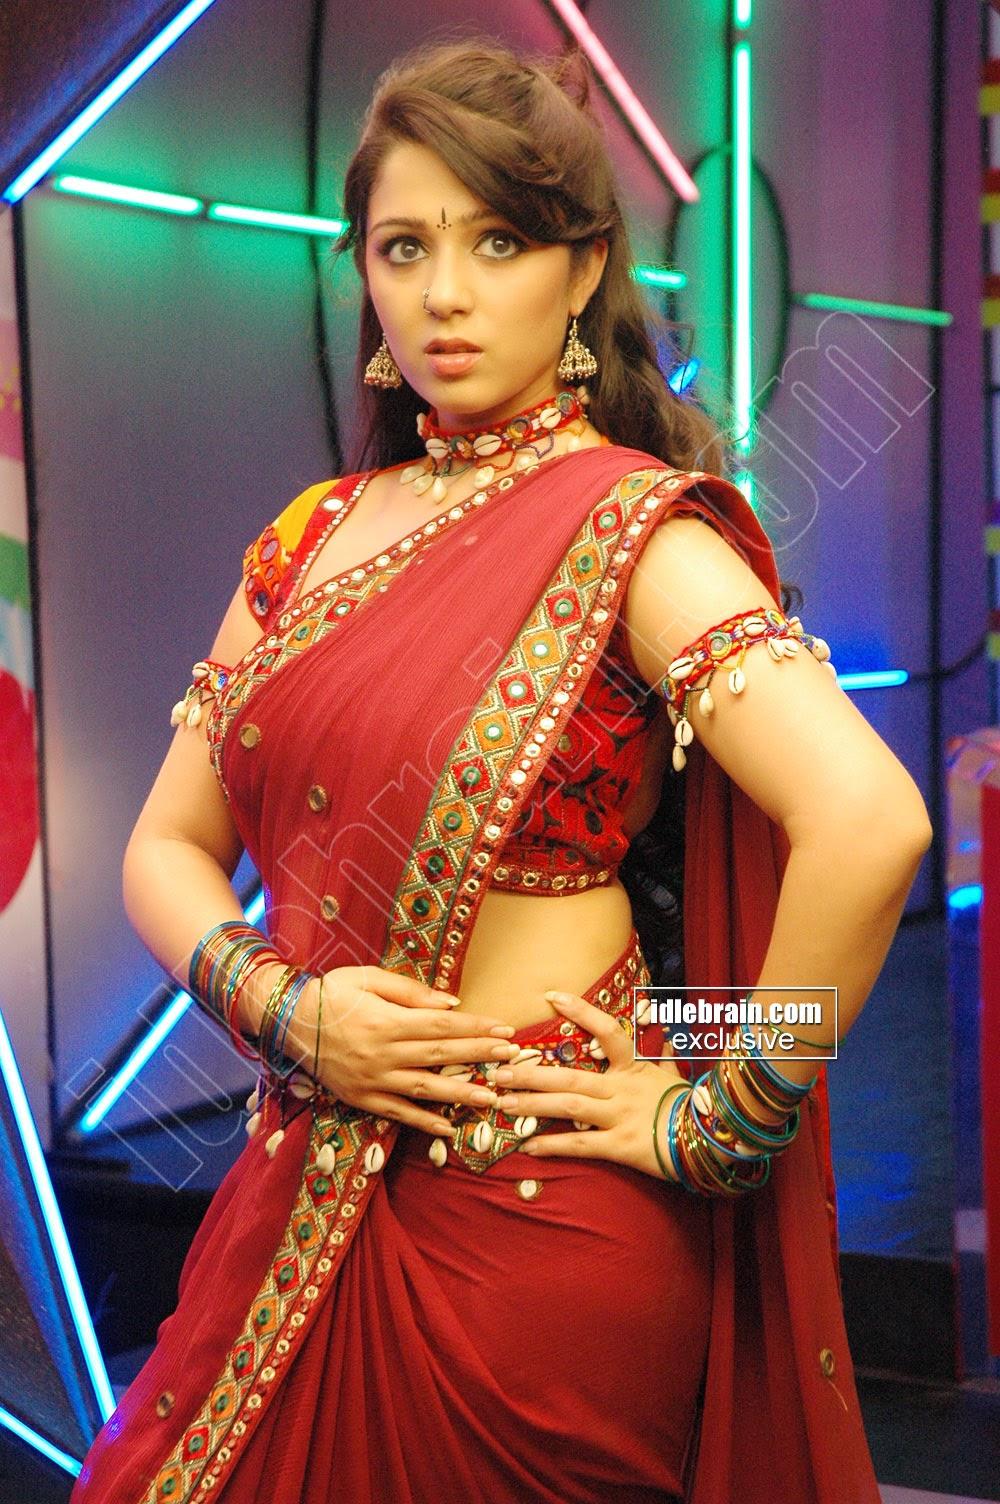 Indian Garam Masala Charmy Kaur Hot Back Glamour Look In -5114